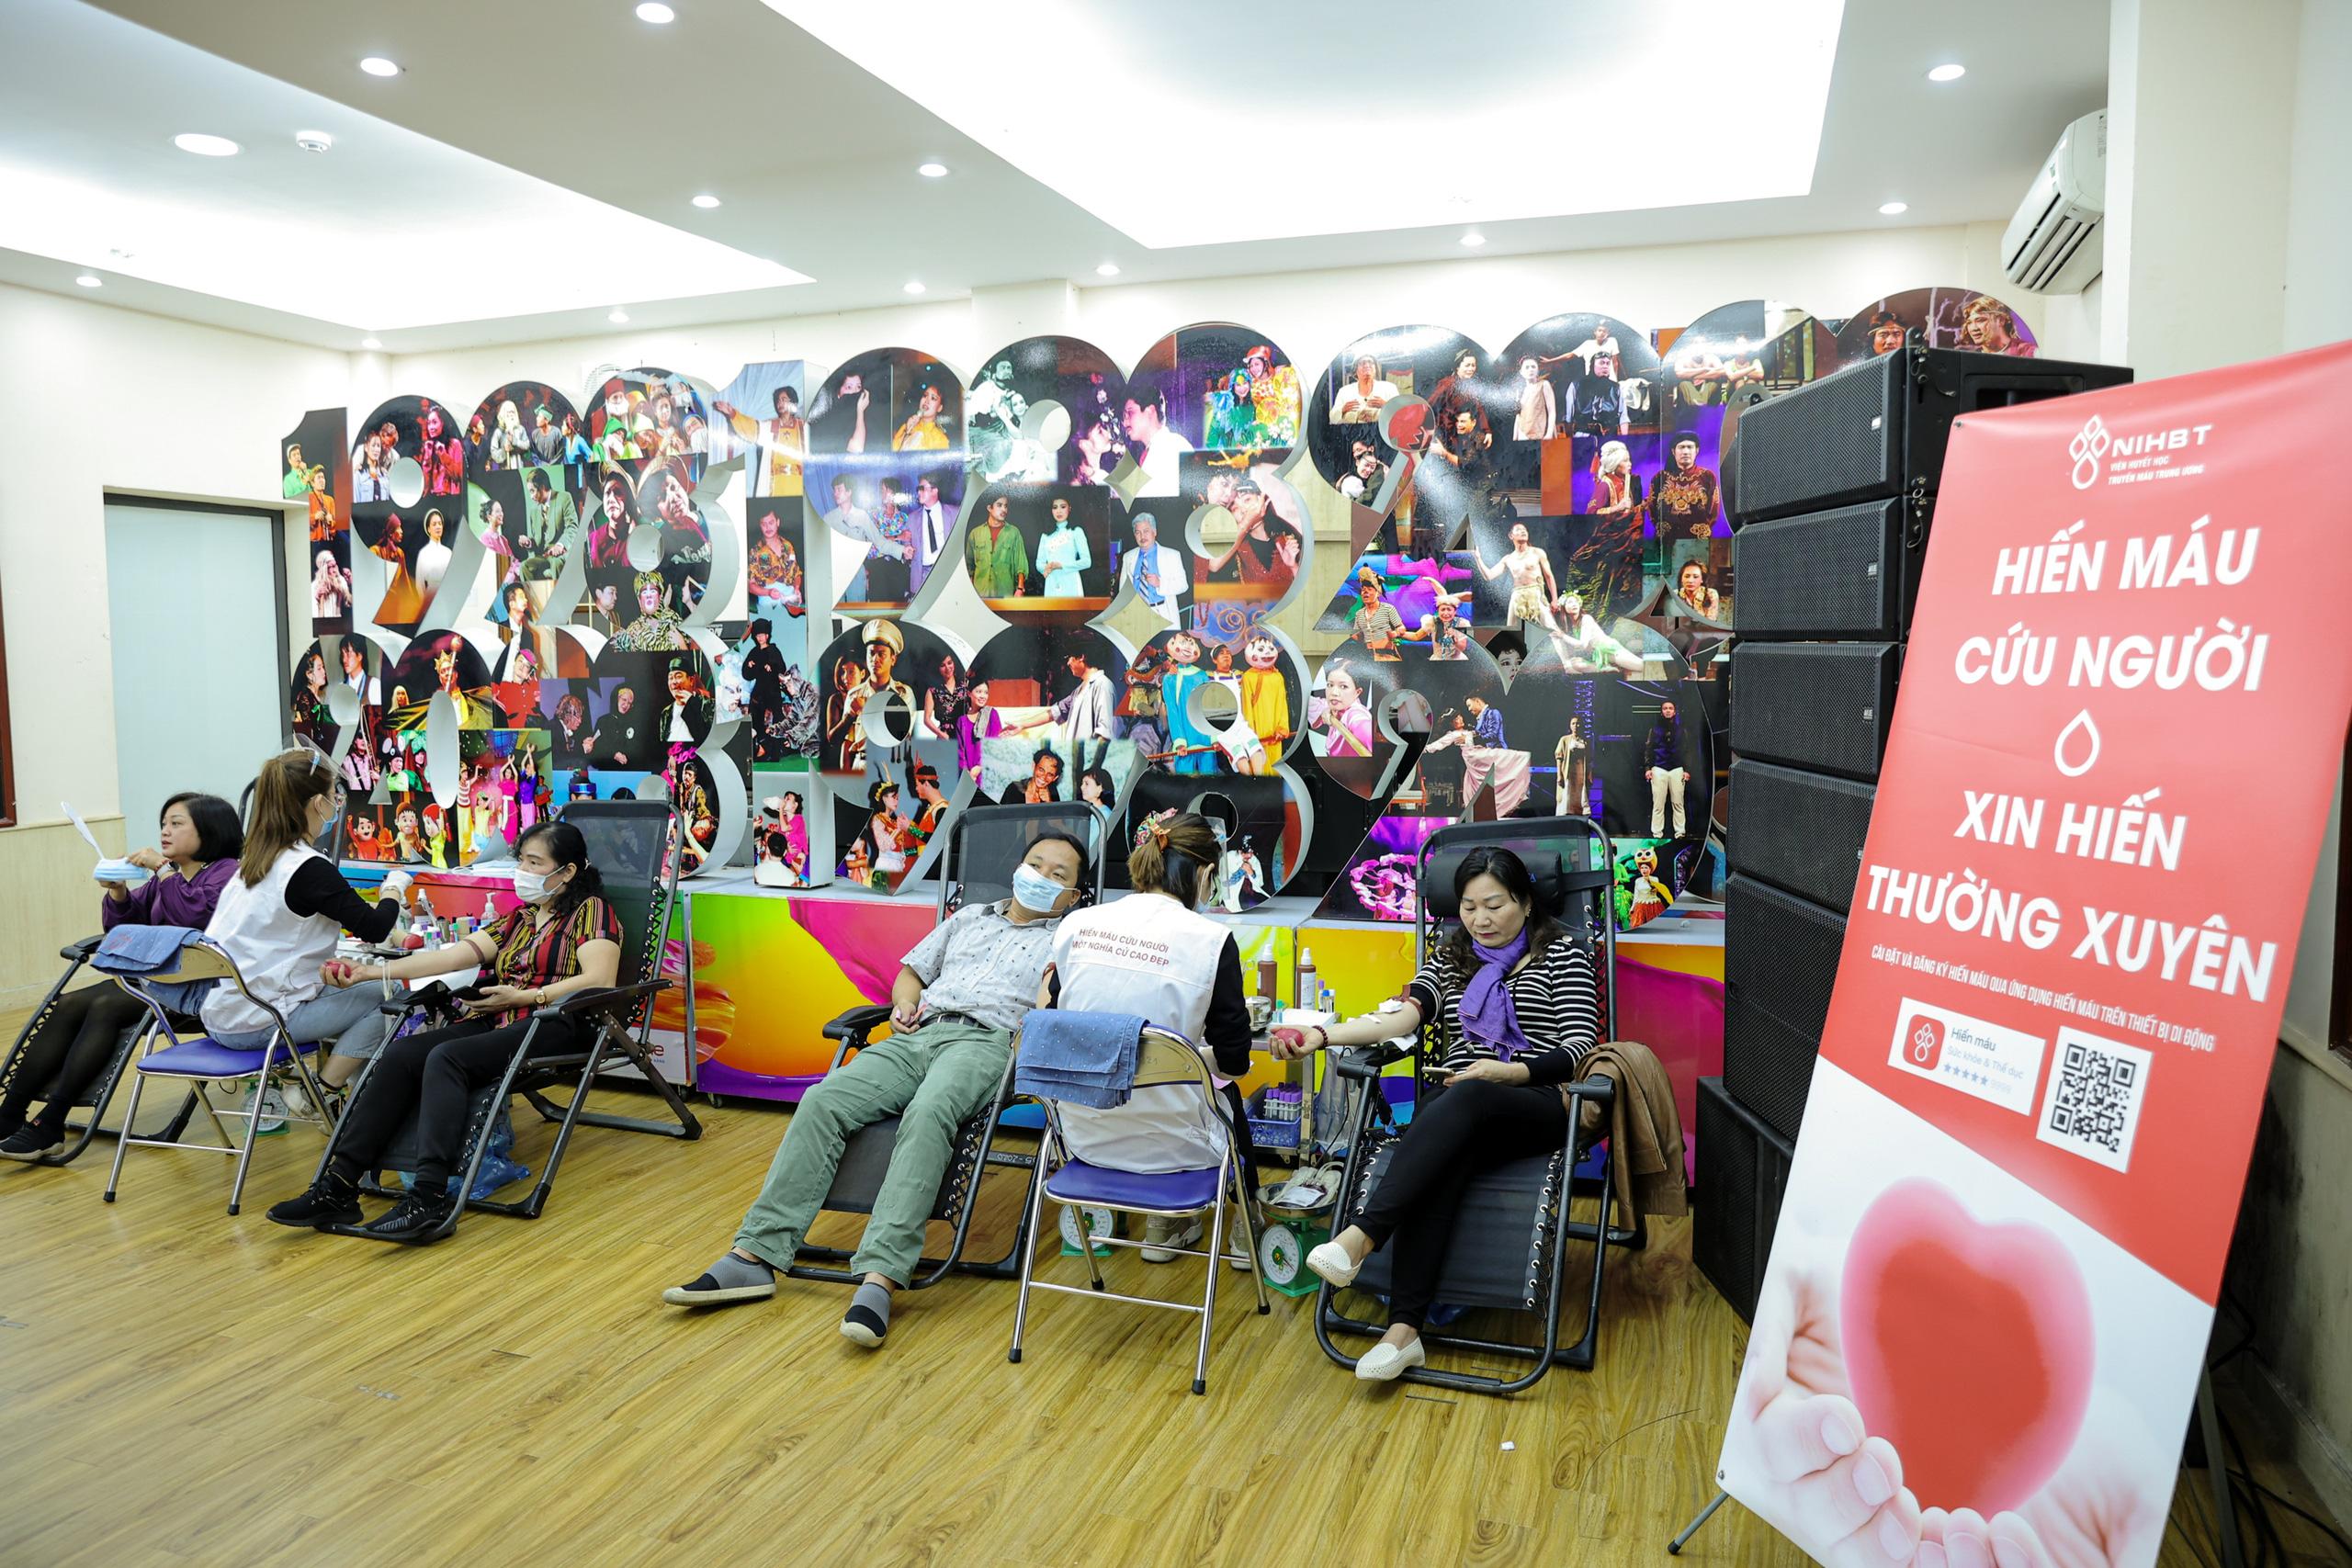 """Đông đảo các nghệ sĩ Việt tham gia hiến máu với thông điệp ý nghĩa """"Trao yêu thương để nhận lại"""". - Ảnh 1."""